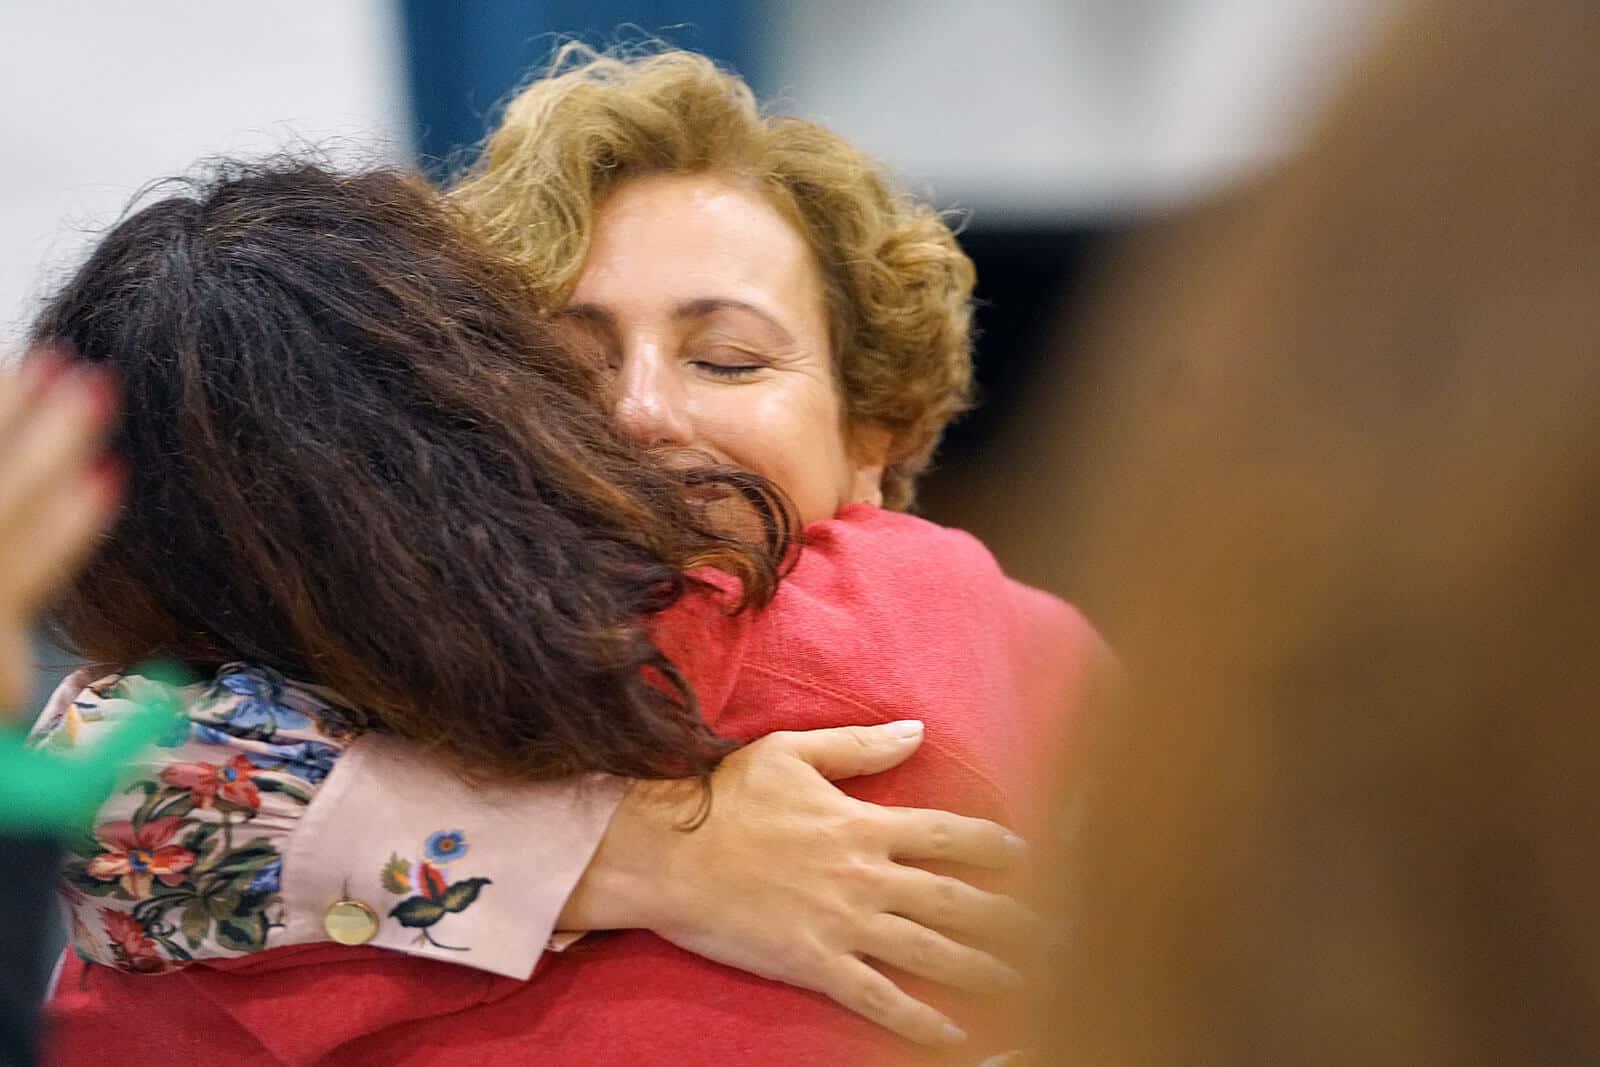 Duas pessoas abraçadas